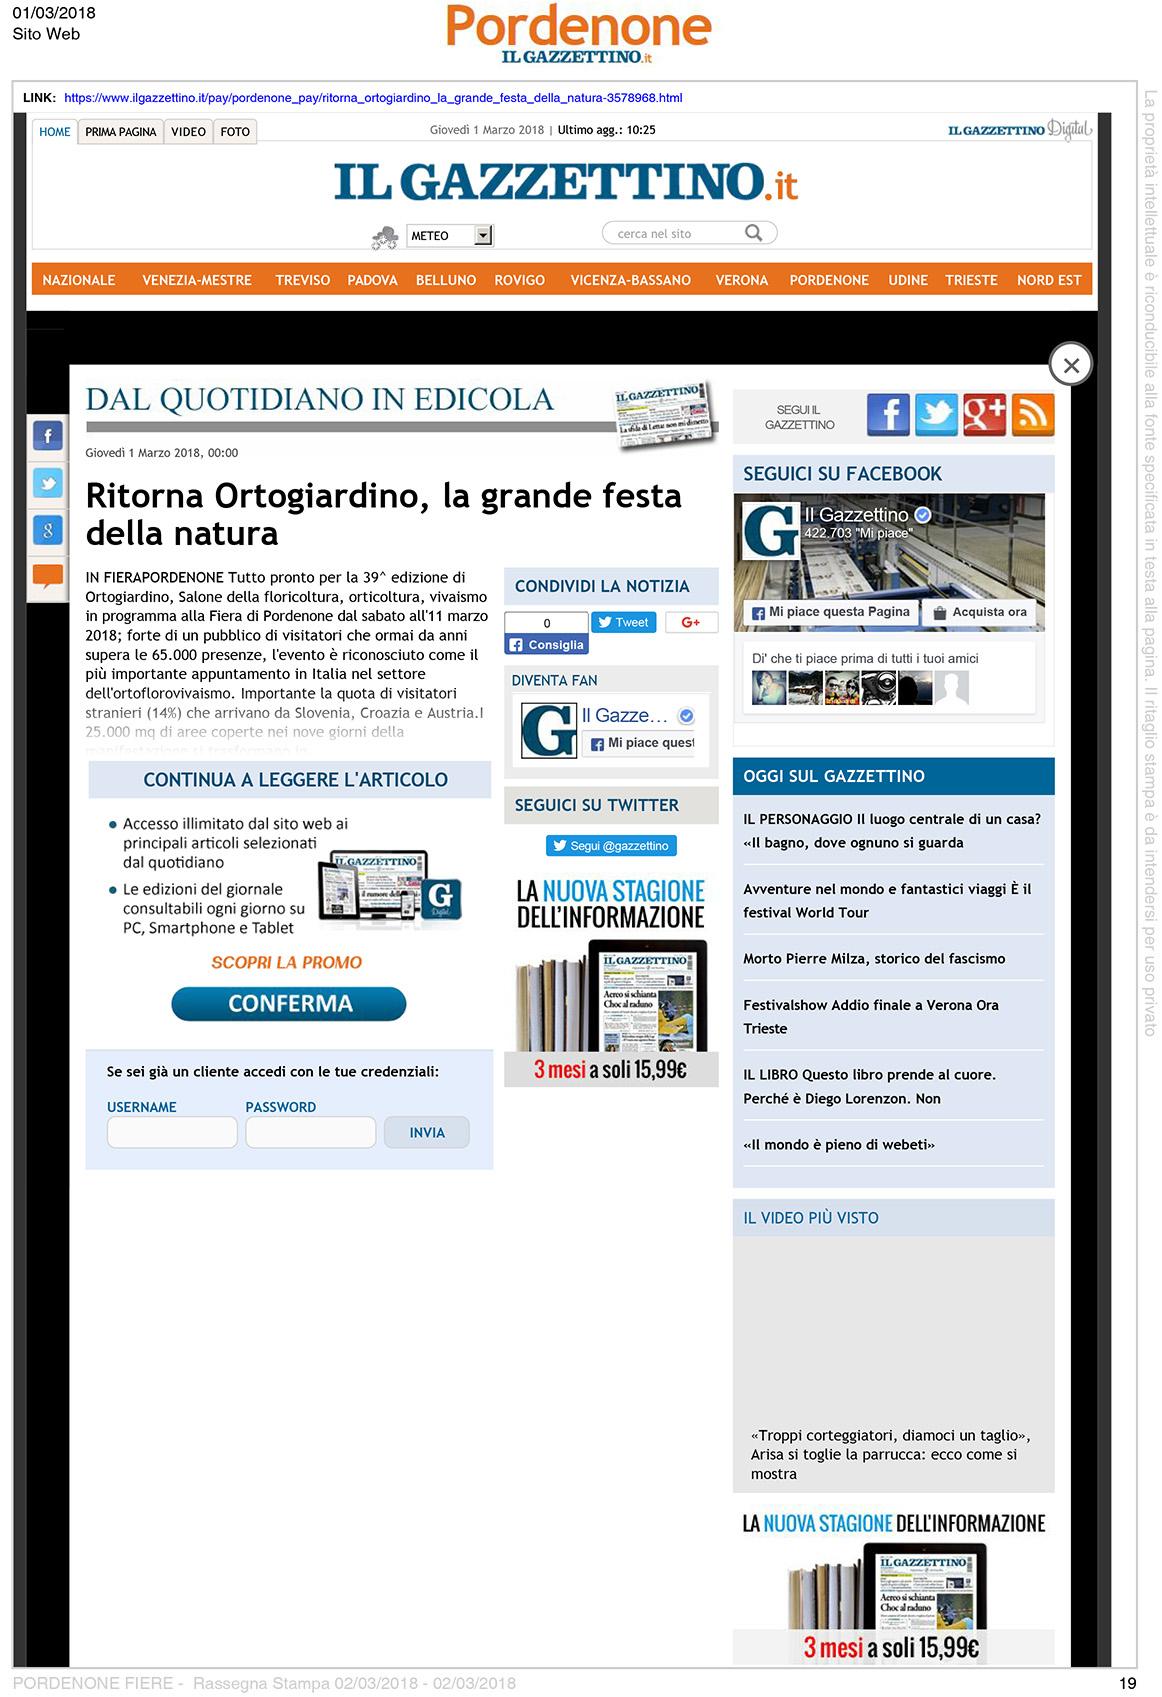 03-01-RassegnaStampa19-IlGazzettino-it